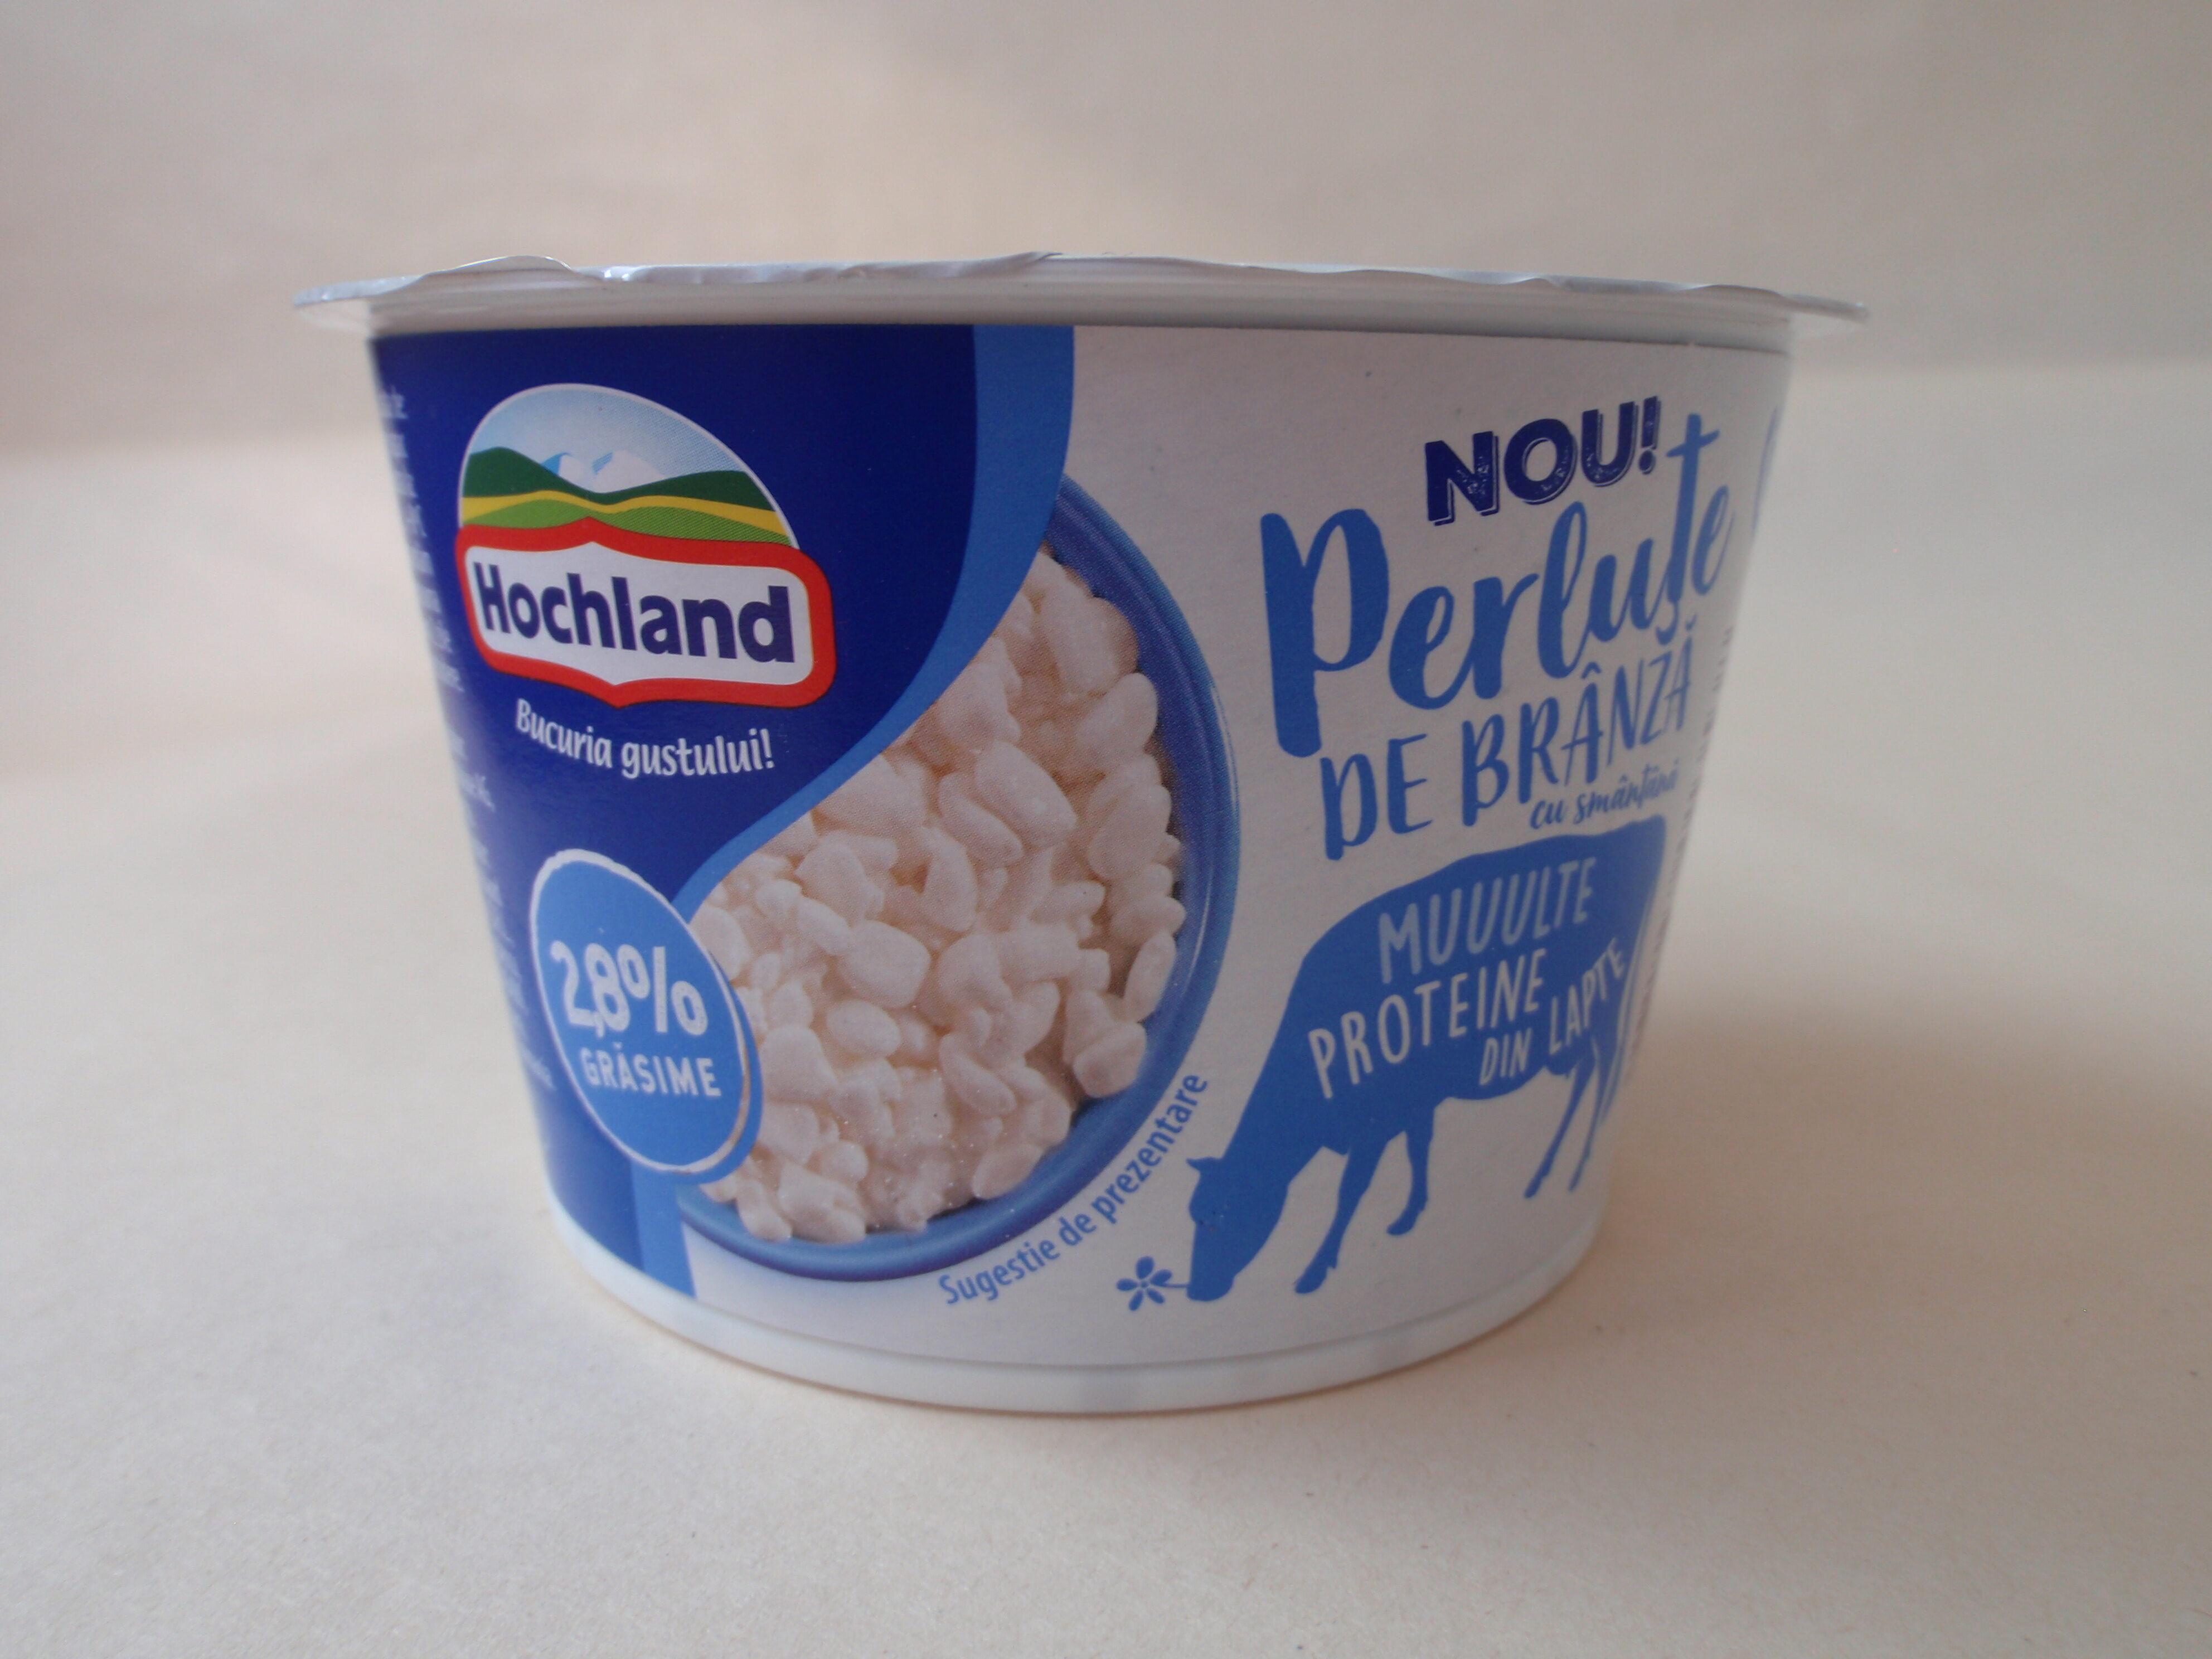 Hochland Perluțe de brânză cu smântână, 2,8% grăsime - Product - ro